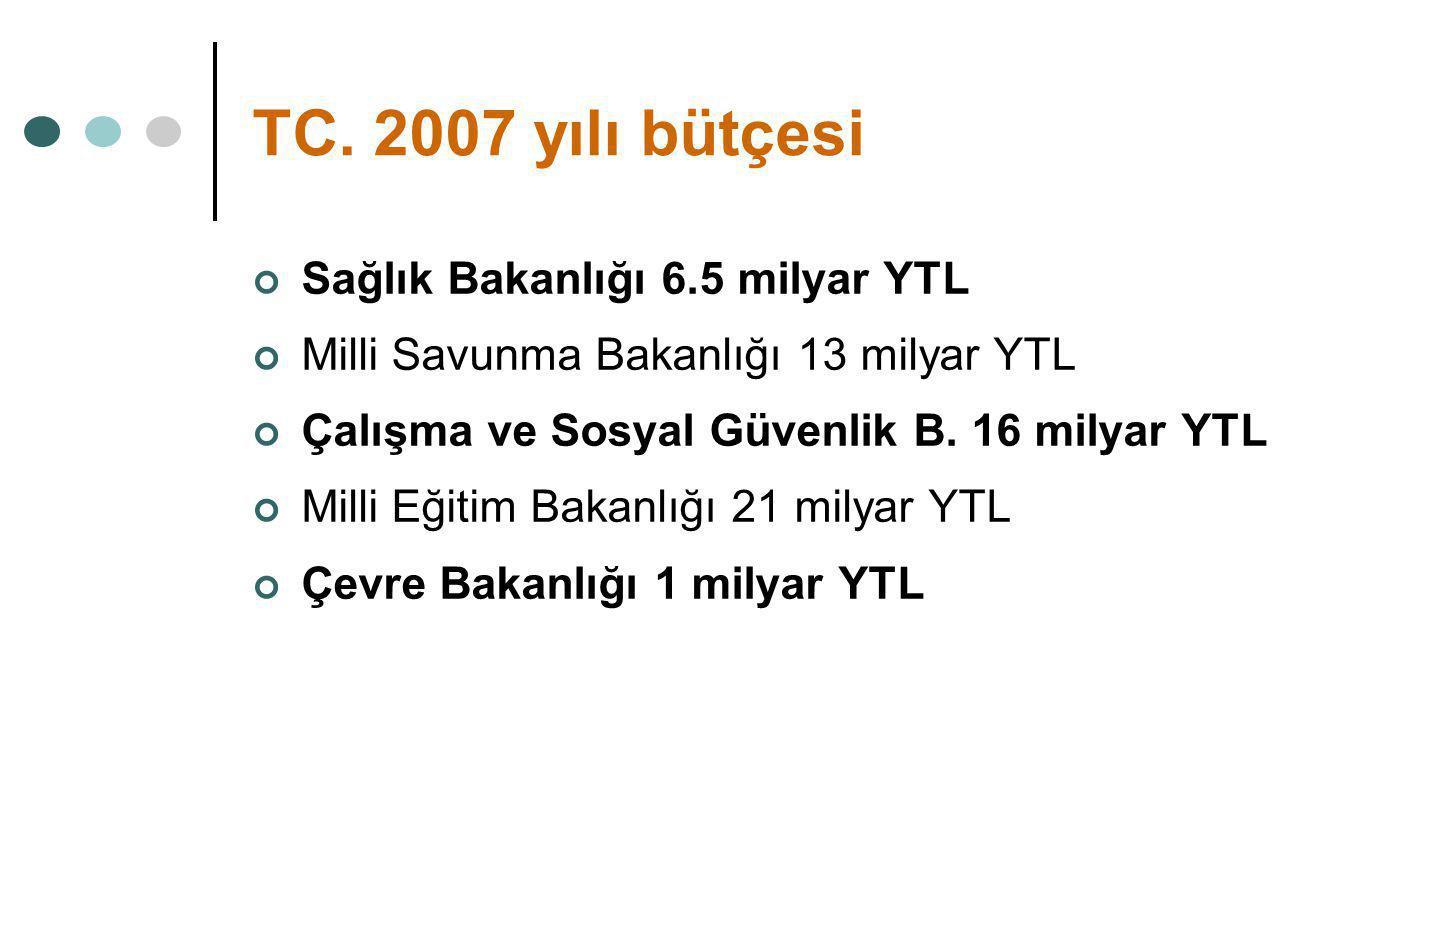 TC. 2007 yılı bütçesi Sağlık Bakanlığı 6.5 milyar YTL